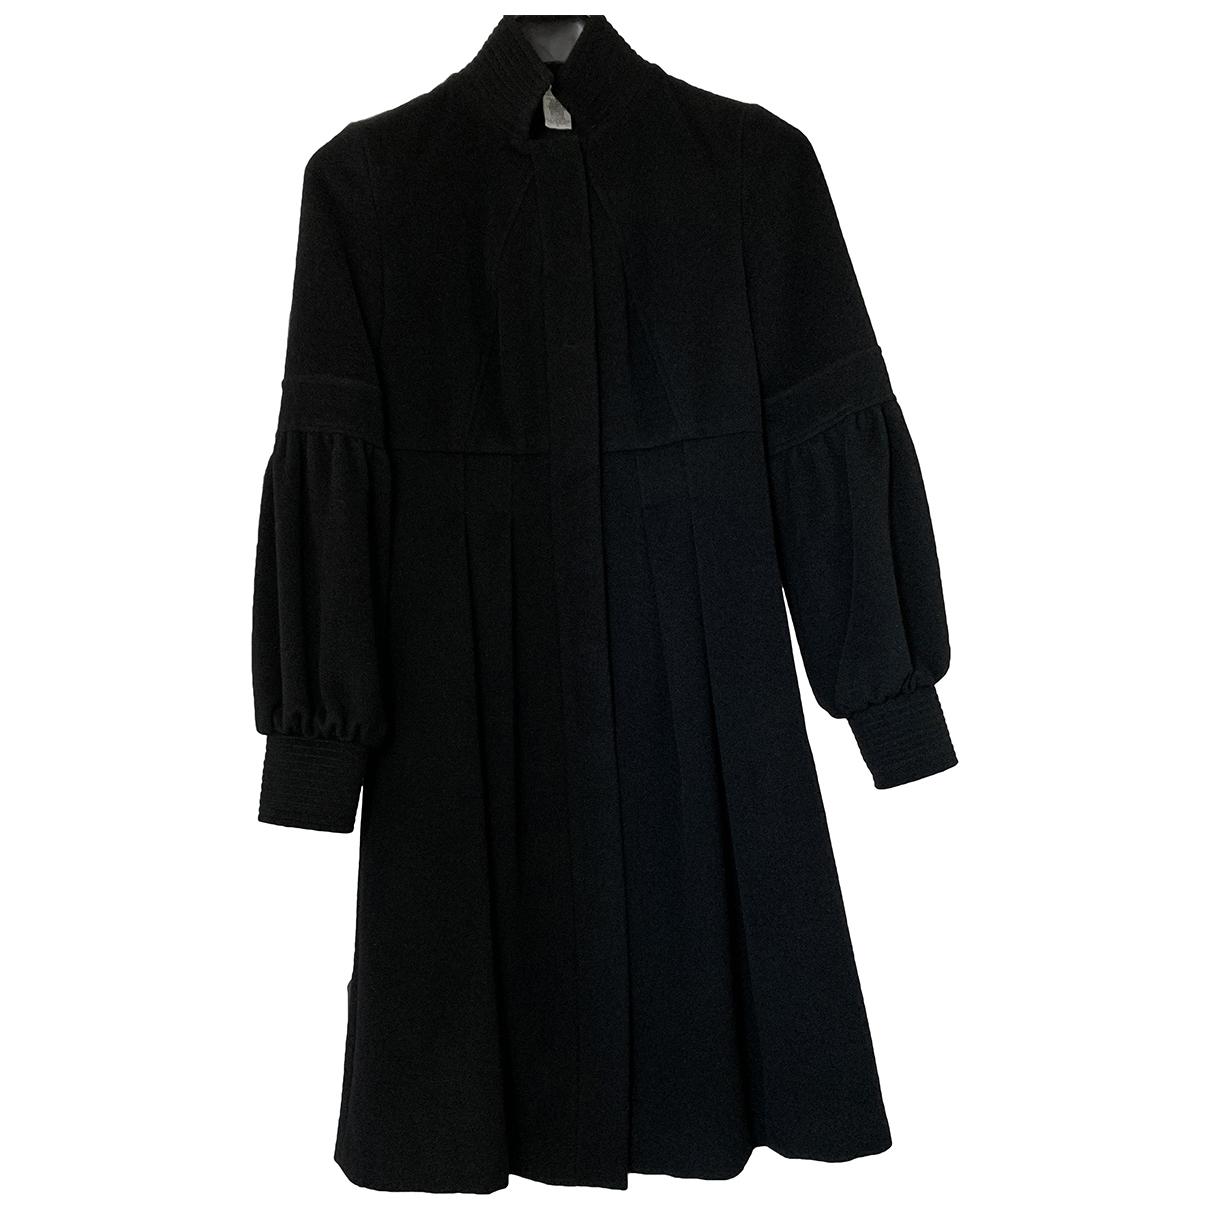 Diane Von Furstenberg \N Black Wool coat for Women 1 US